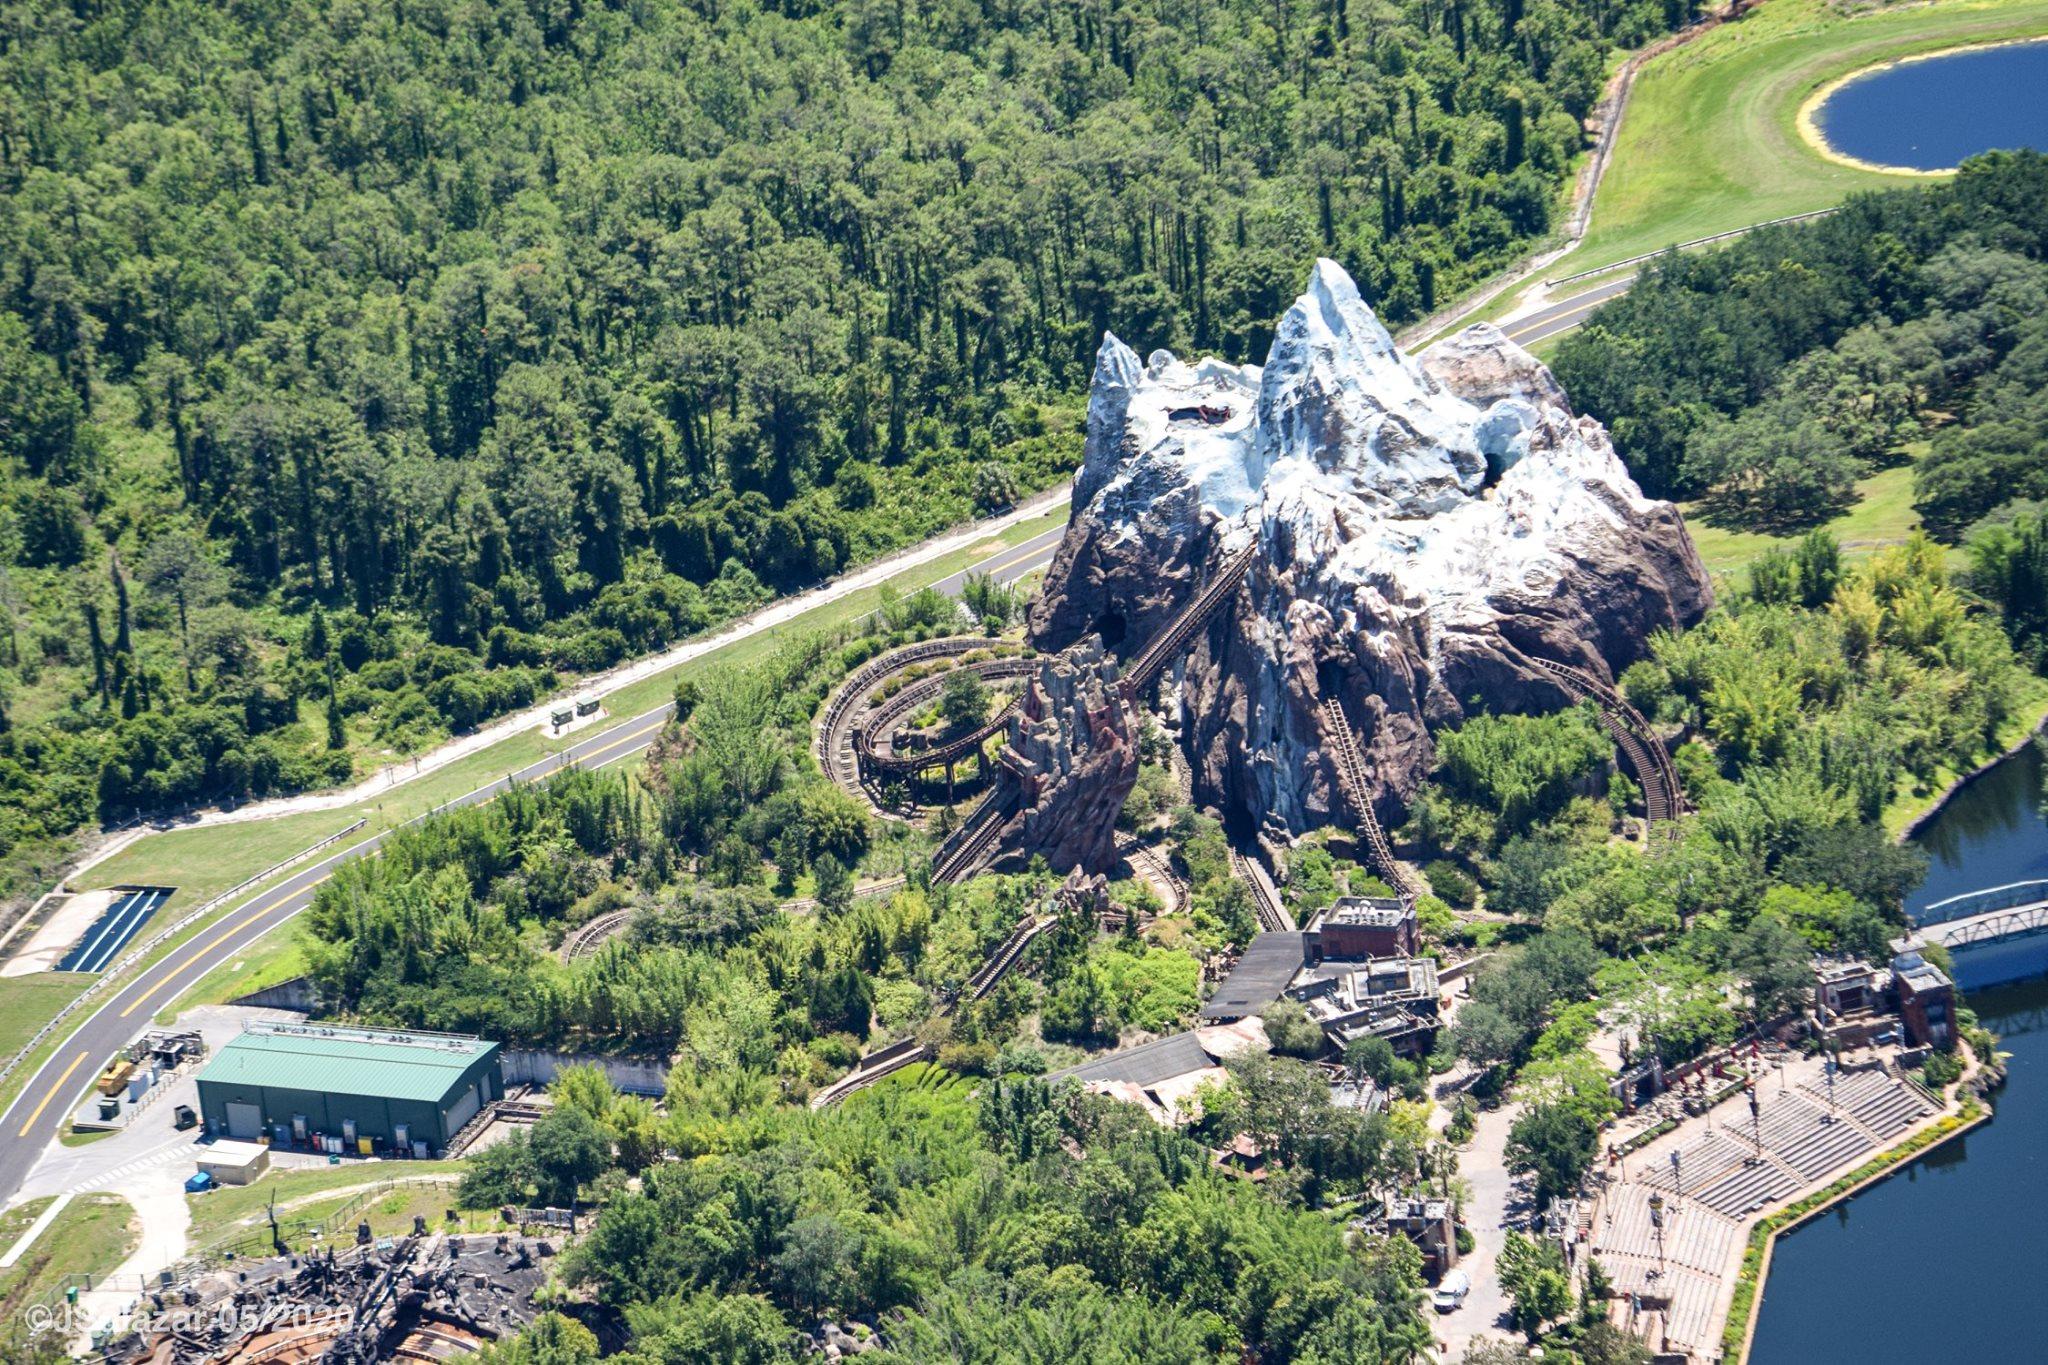 Deserted Disney World